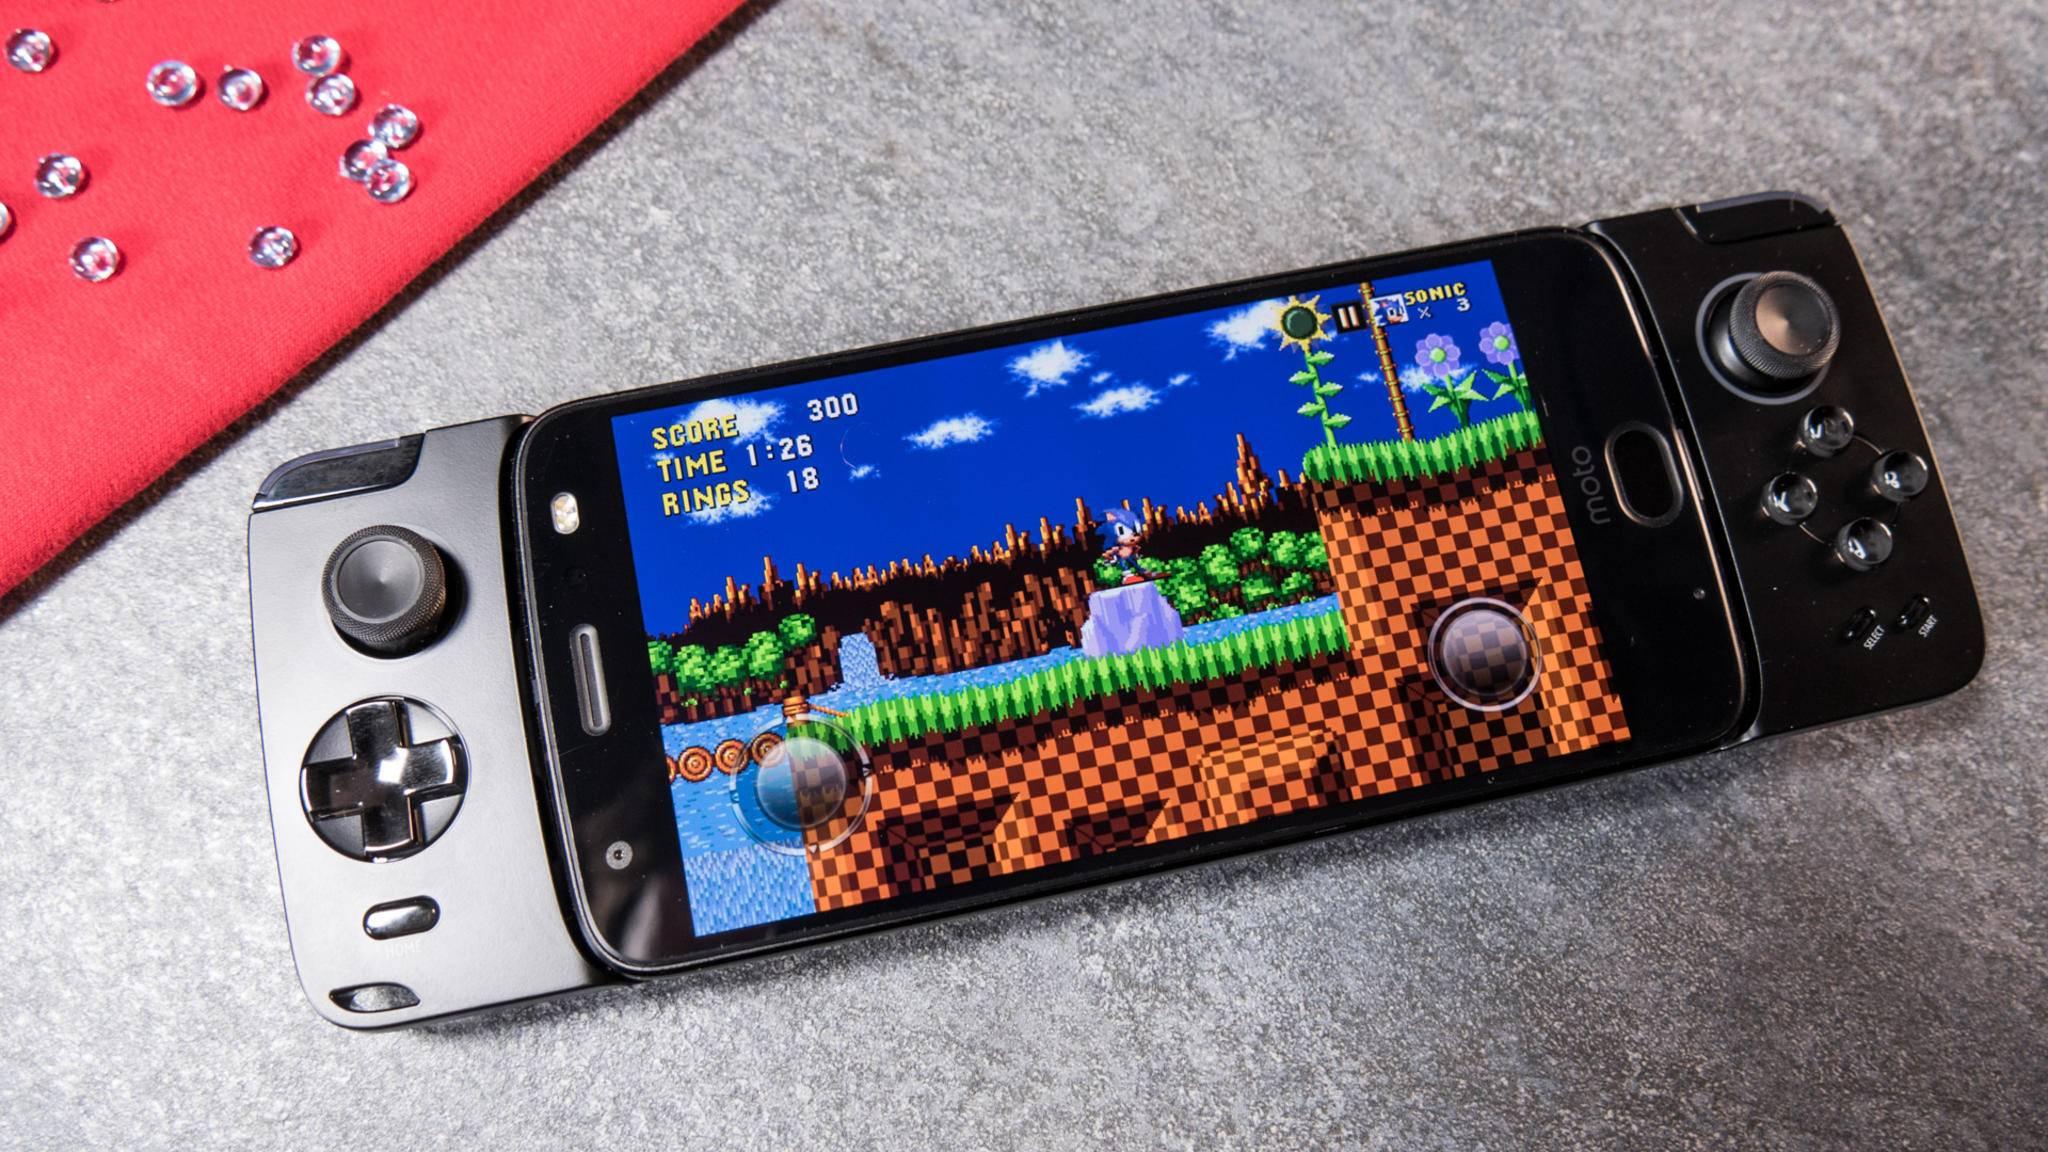 Das Moto Z2 Force mit Gamepad-Mod musste sich diese Woche im Test beweisen.